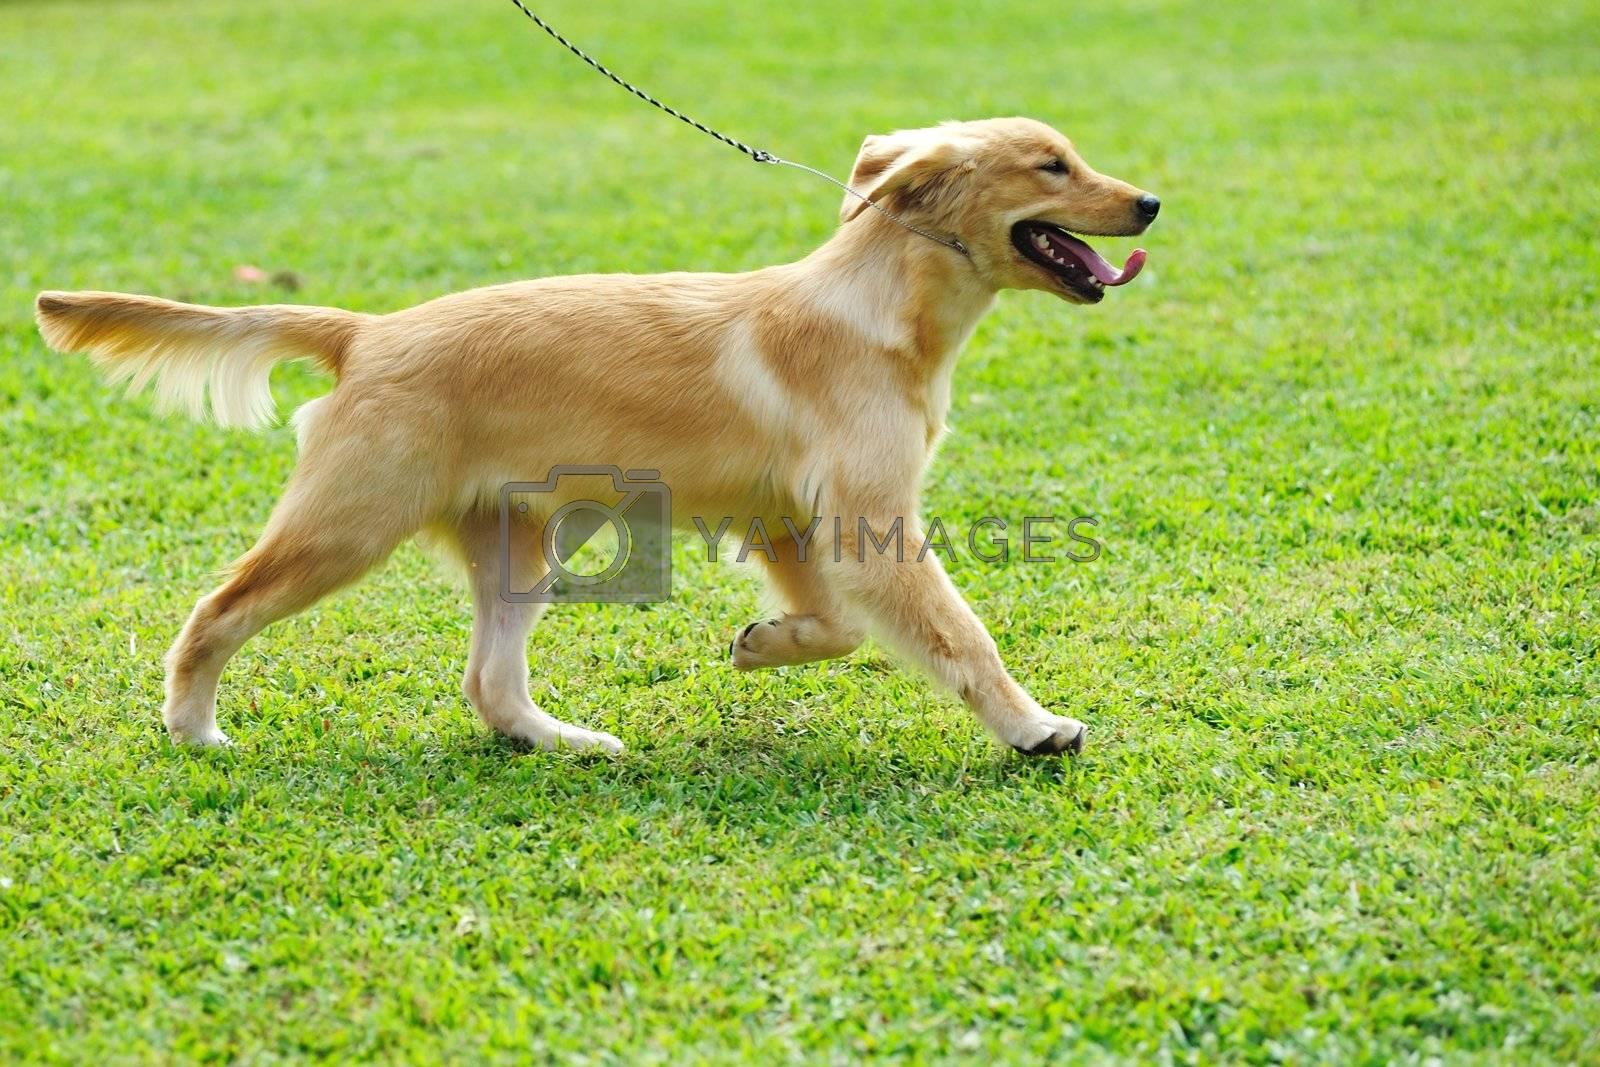 Little golden retriever dog running